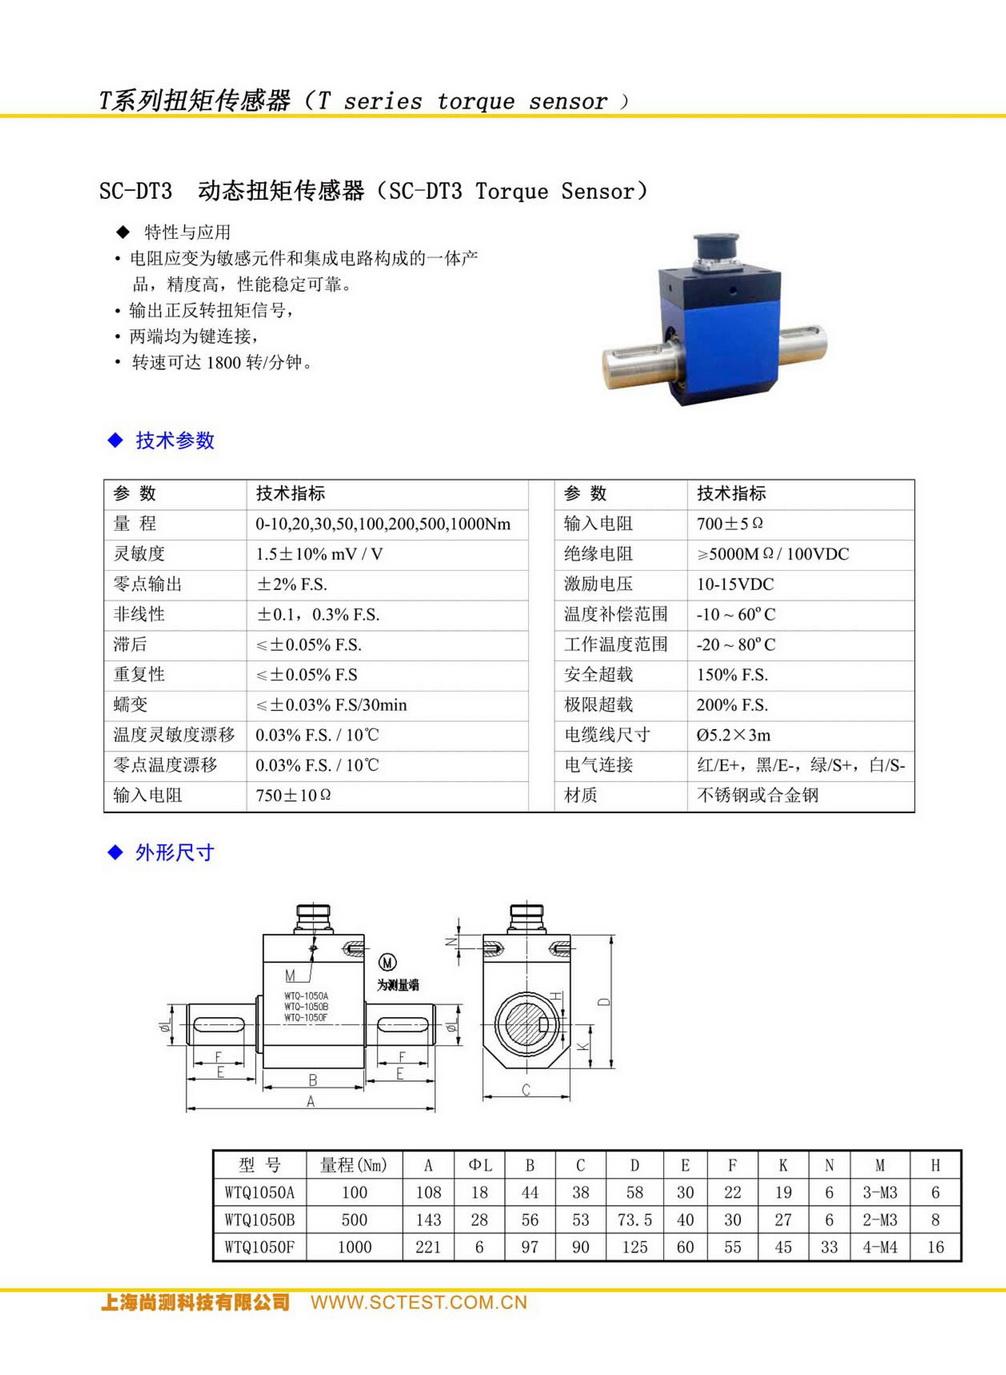 尚测科技产品选型手册 V1.3_页面_25_调整大小.jpg